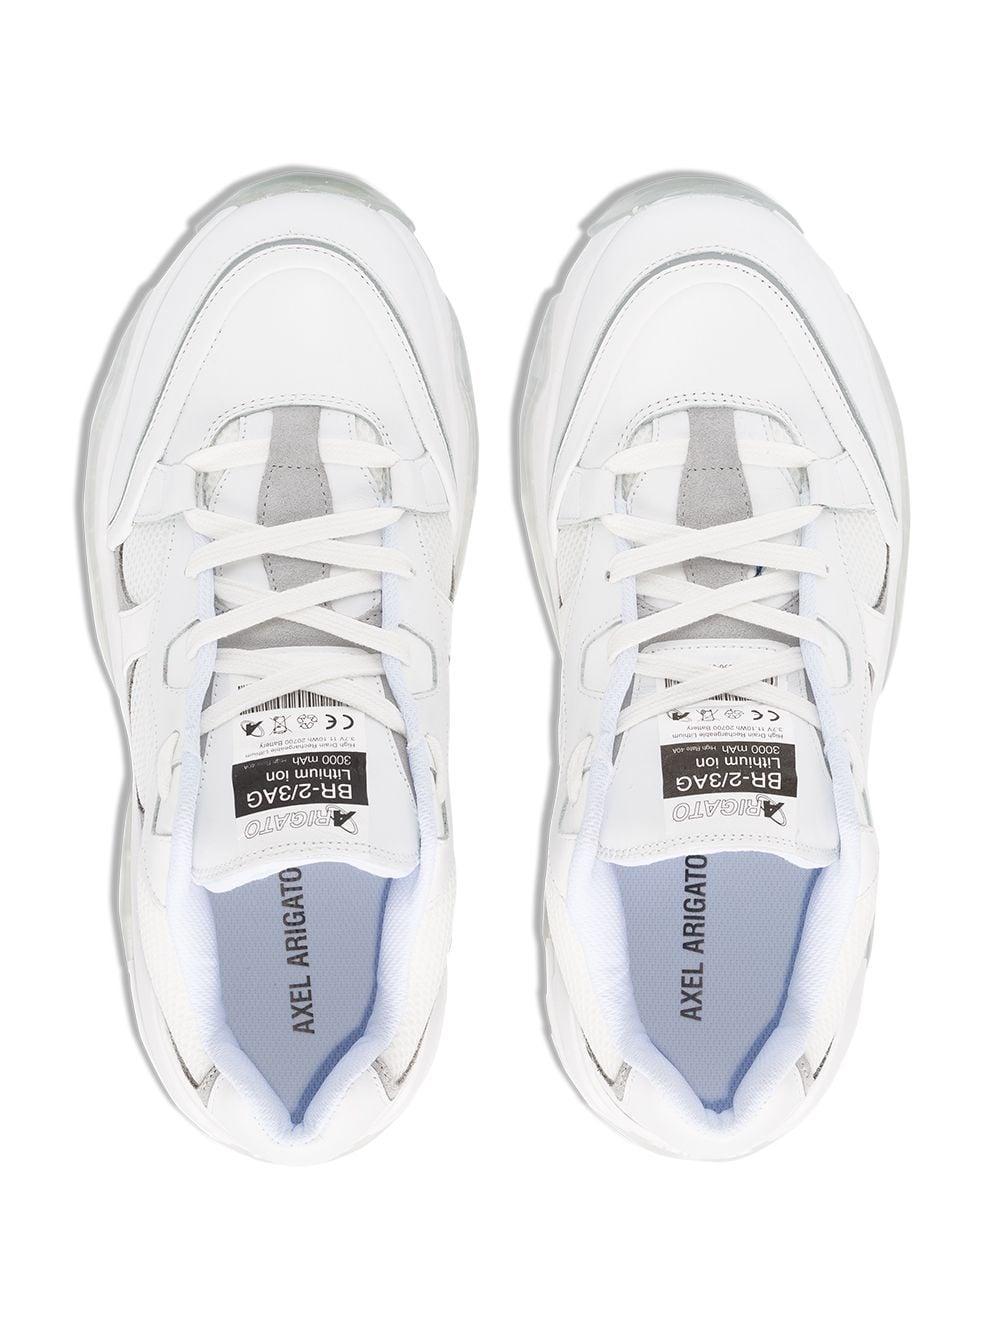 Axel Arigato Leer Catfish Vetersneakers in het Wit voor heren